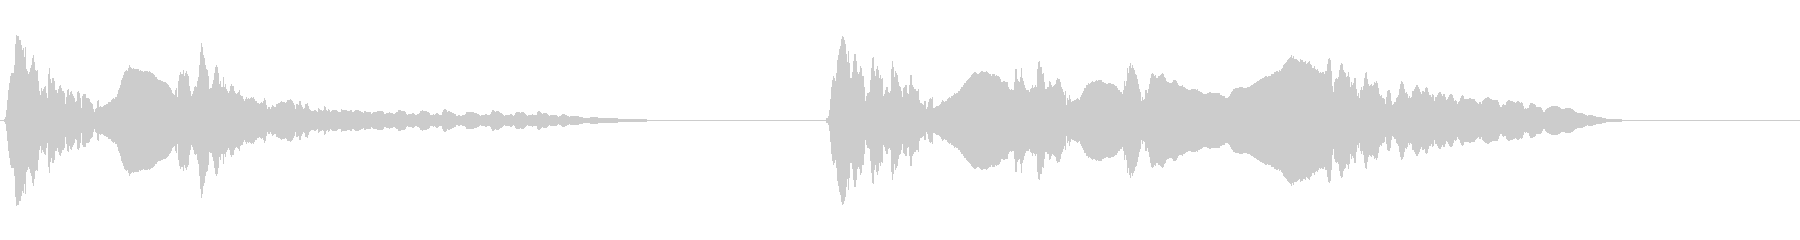 尺八 生演奏 古典風 残響音有 7の未再生の波形